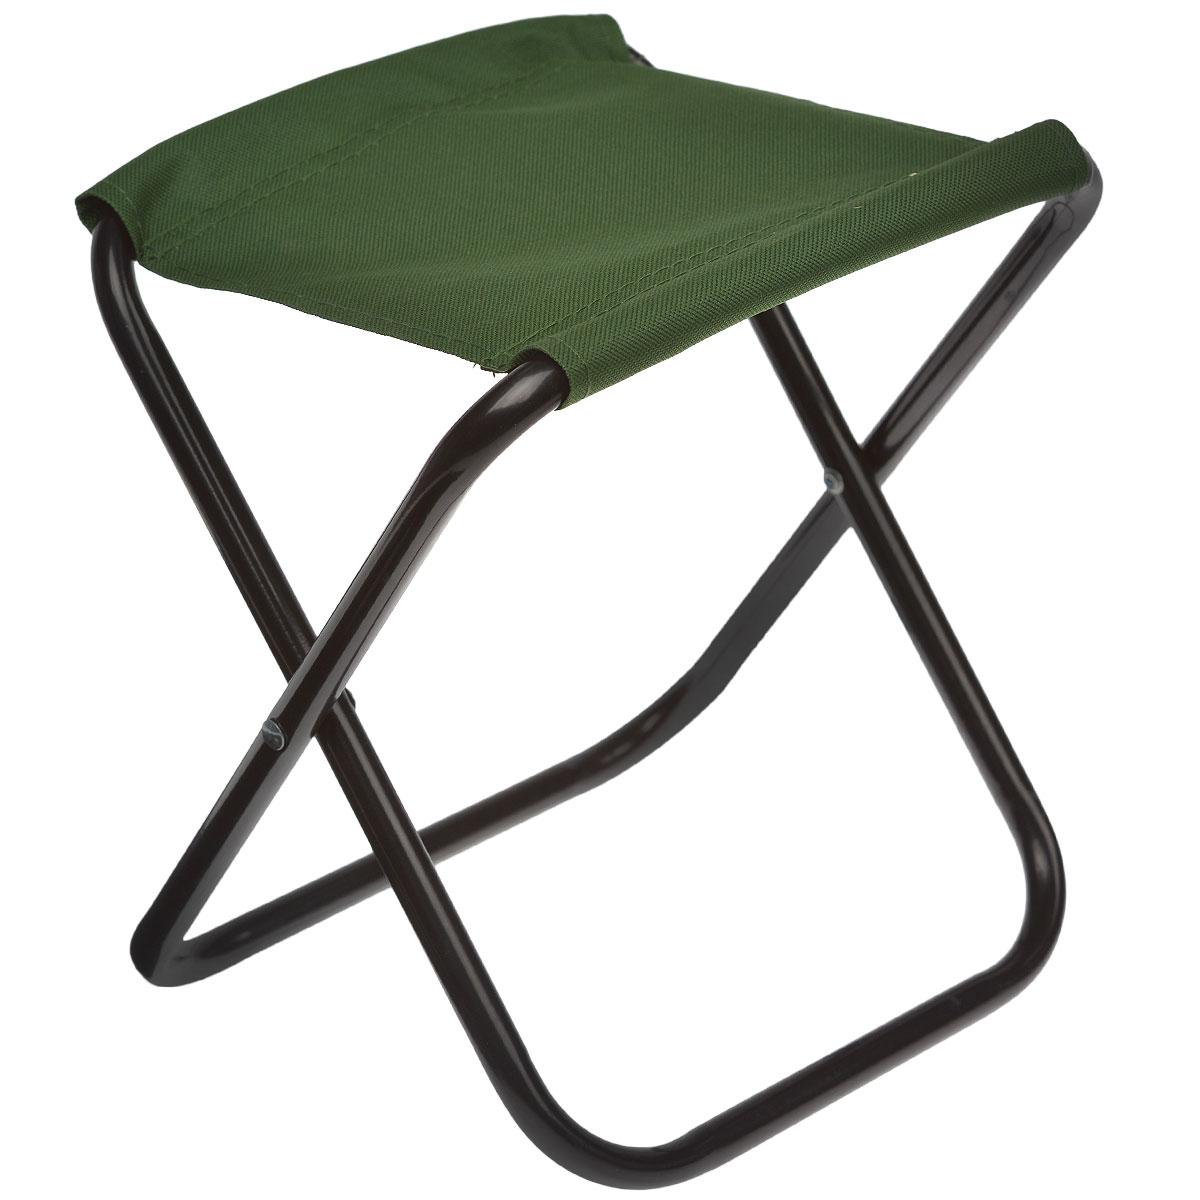 Стул складной Happy Camper, цвет: зеленыйУТ-000049741Складной стул Happy Camper станет незаменимым предметом в походе, на природе, на рыбалке, а также на даче. Изготовлен из ткани Оксфорд 600D с покрытием из ПВХ. Каркас выполнен из стали. Выдерживает нагрузку в 60 кг.